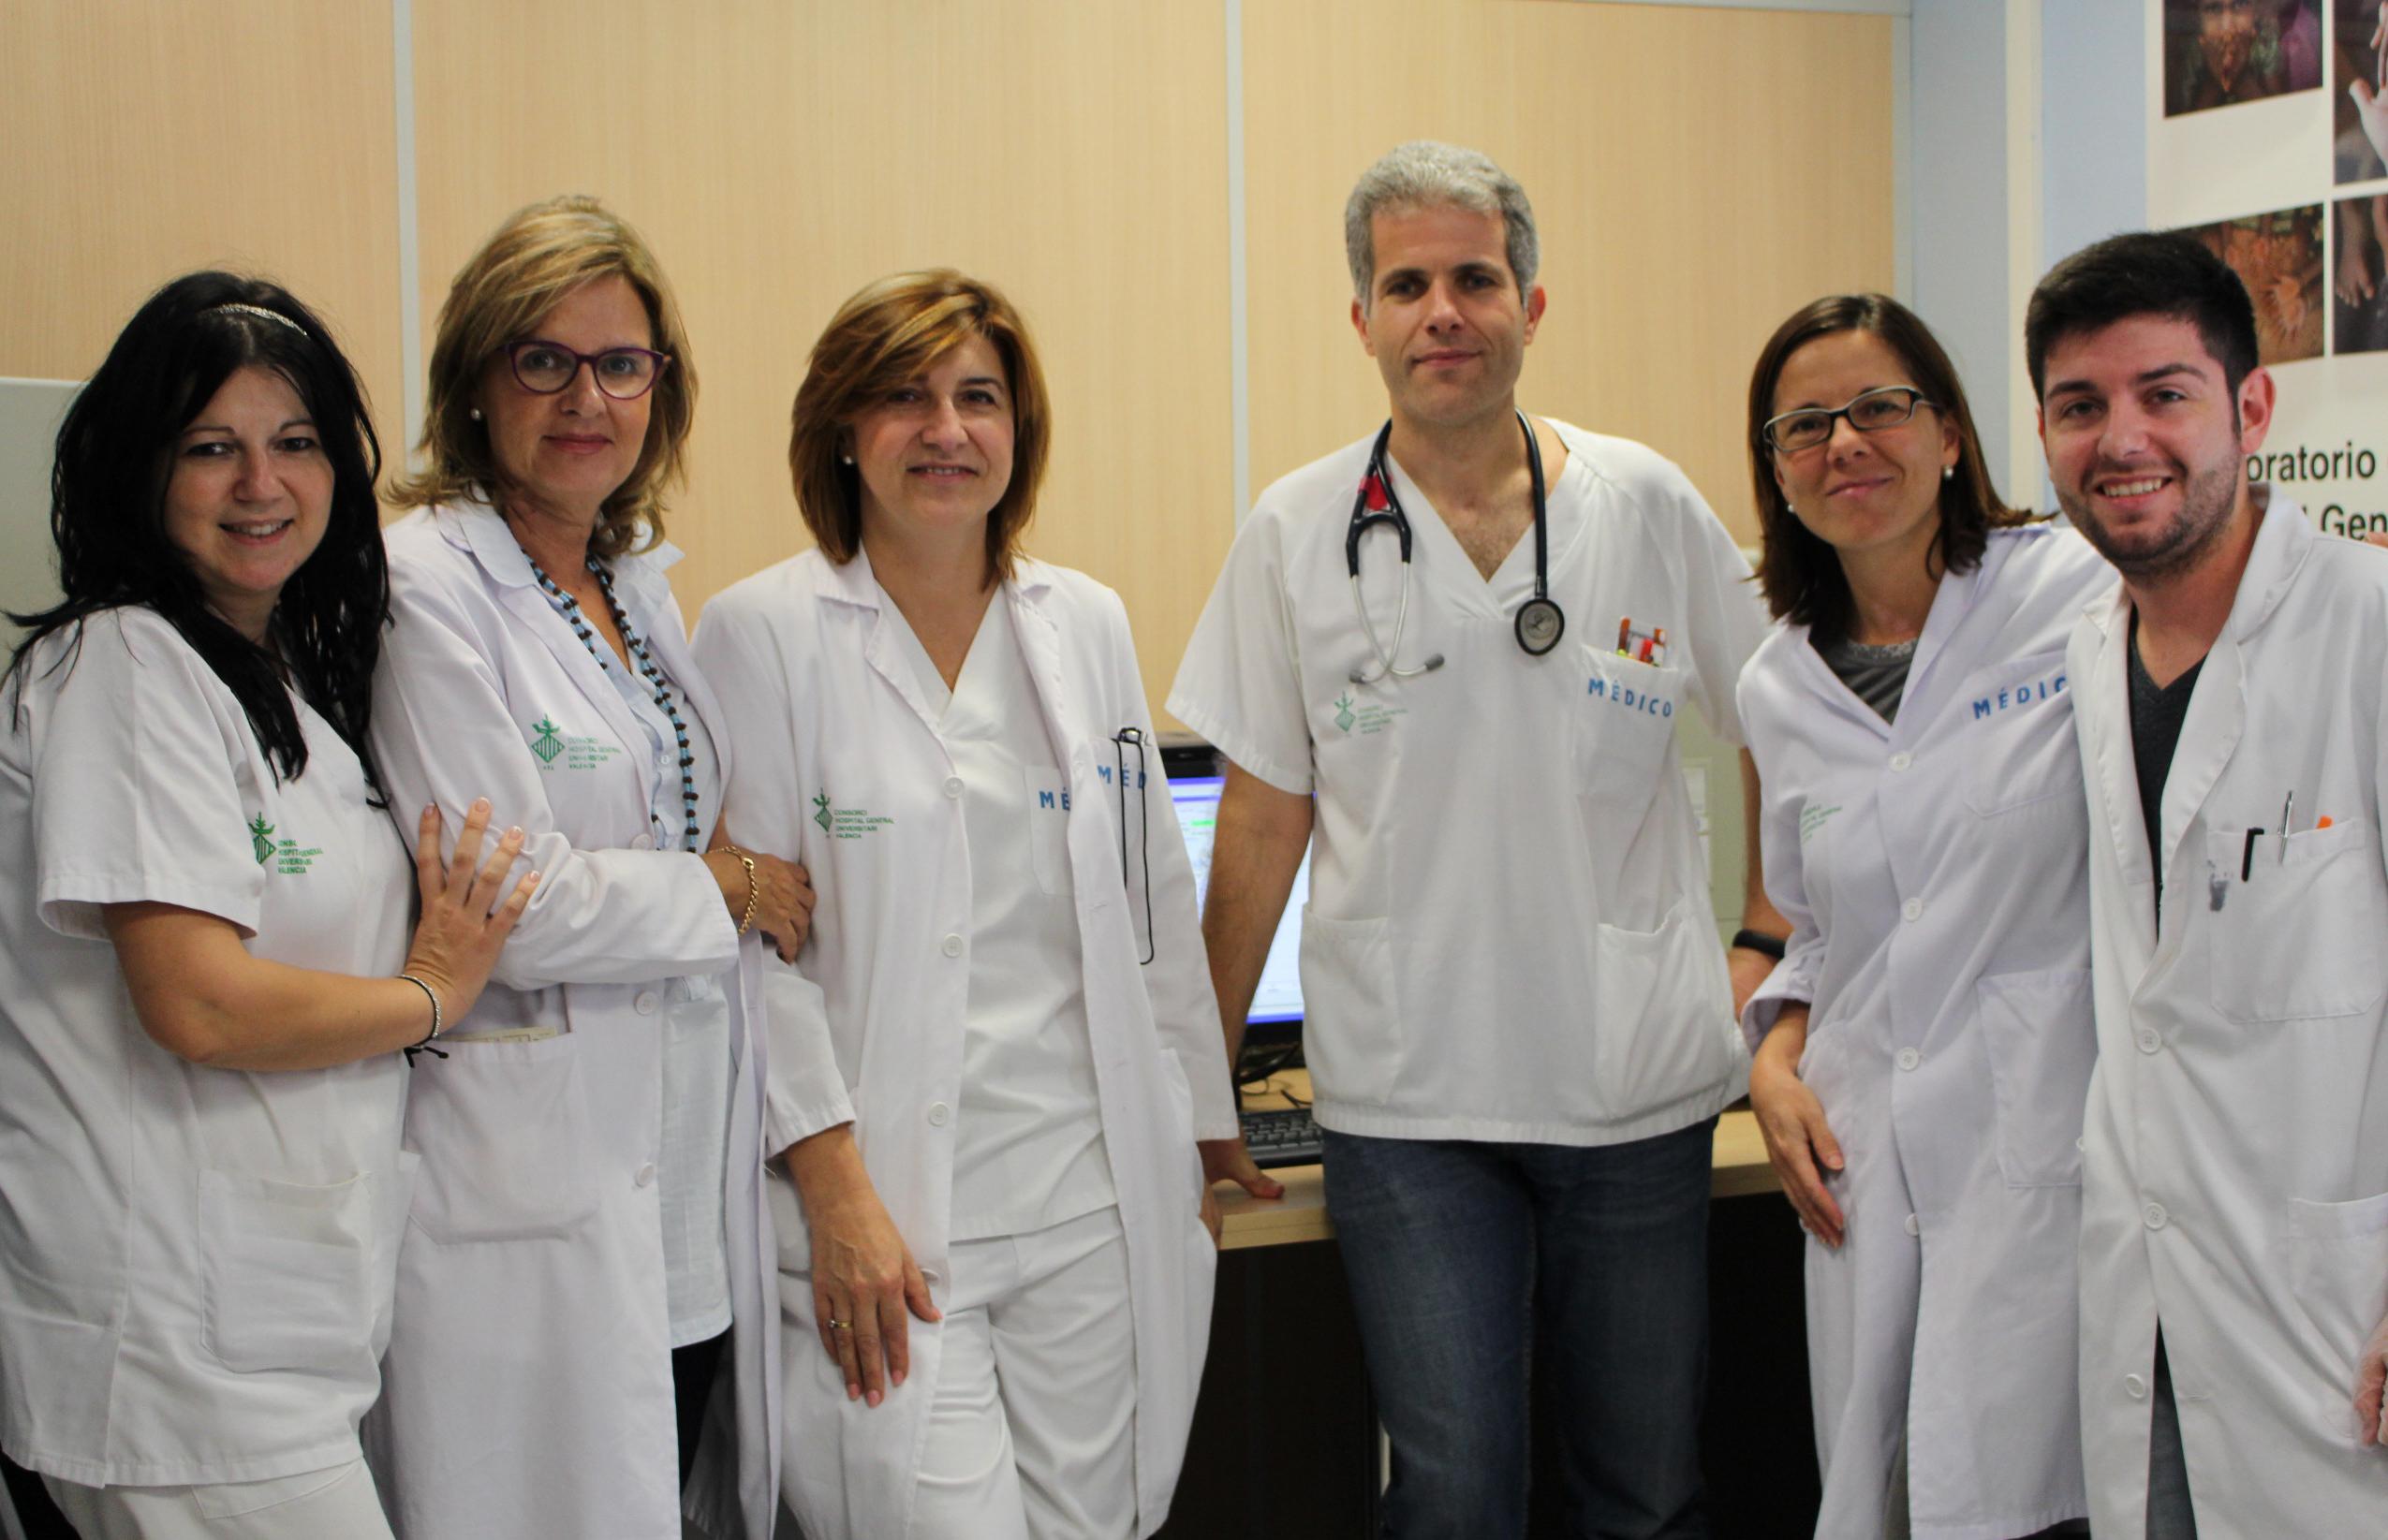 2014 10 07 Equipo estudio genetico unidad cardiopatias familiares